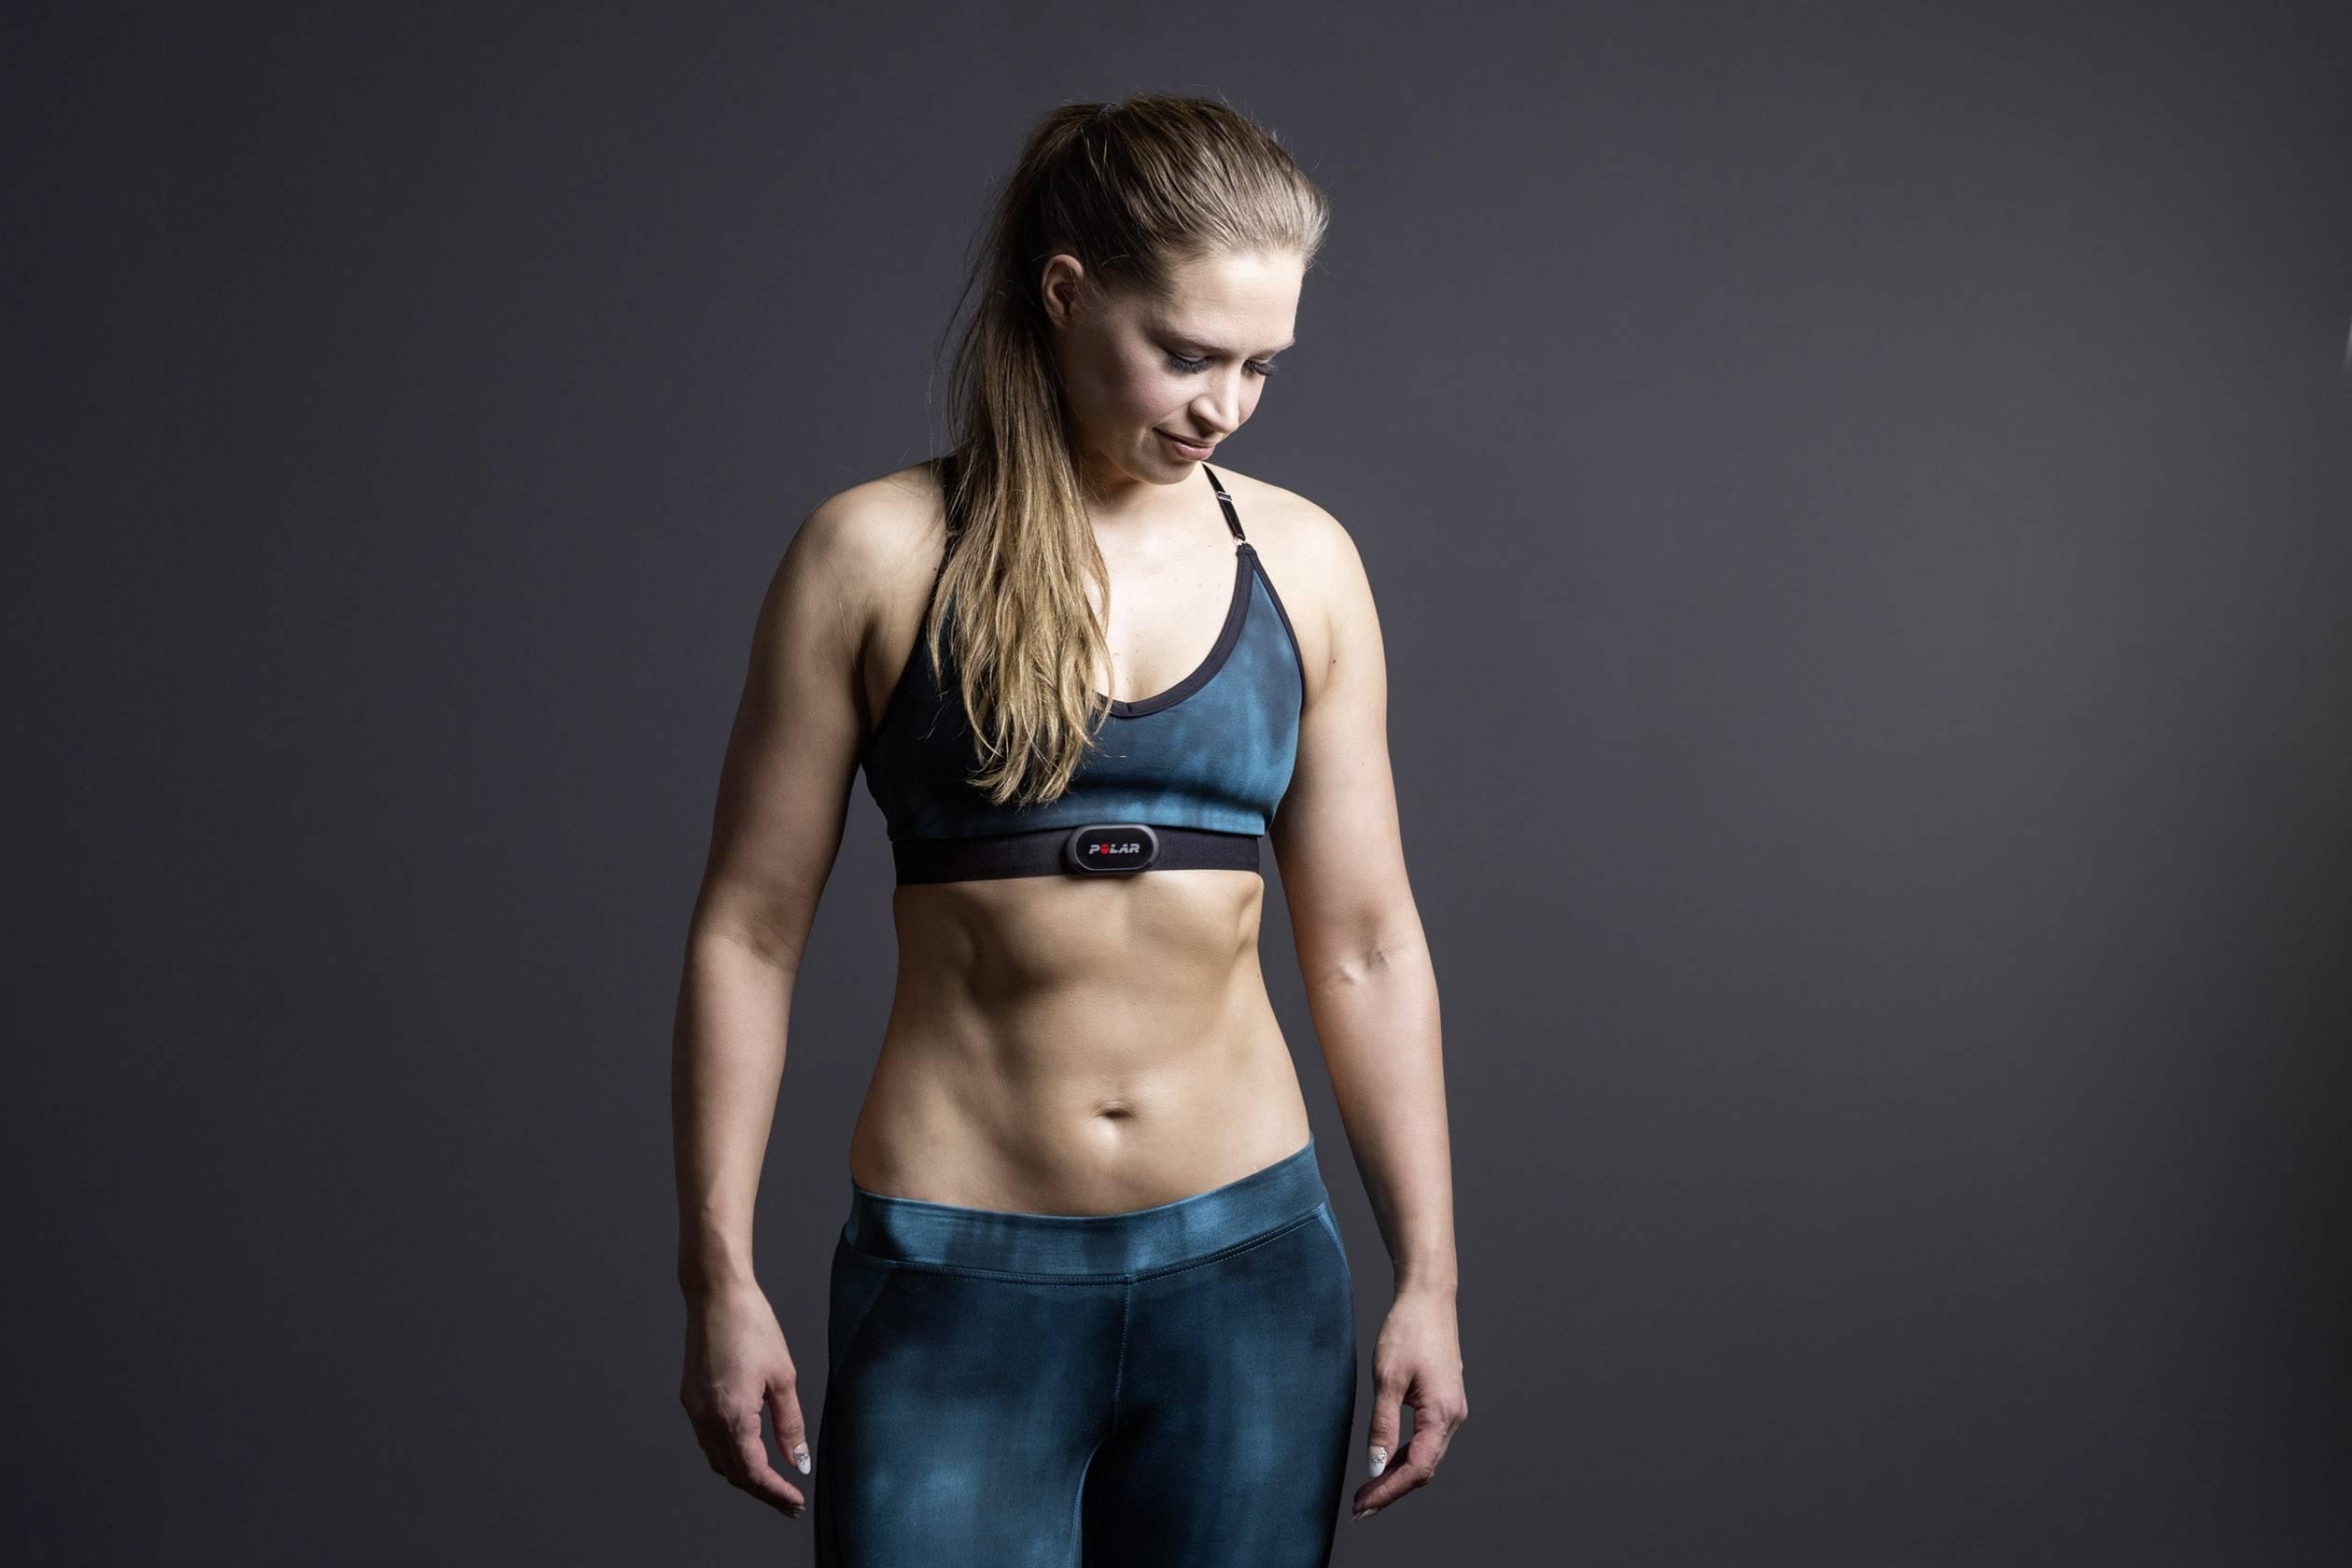 Sportlerin mit Brustgurt